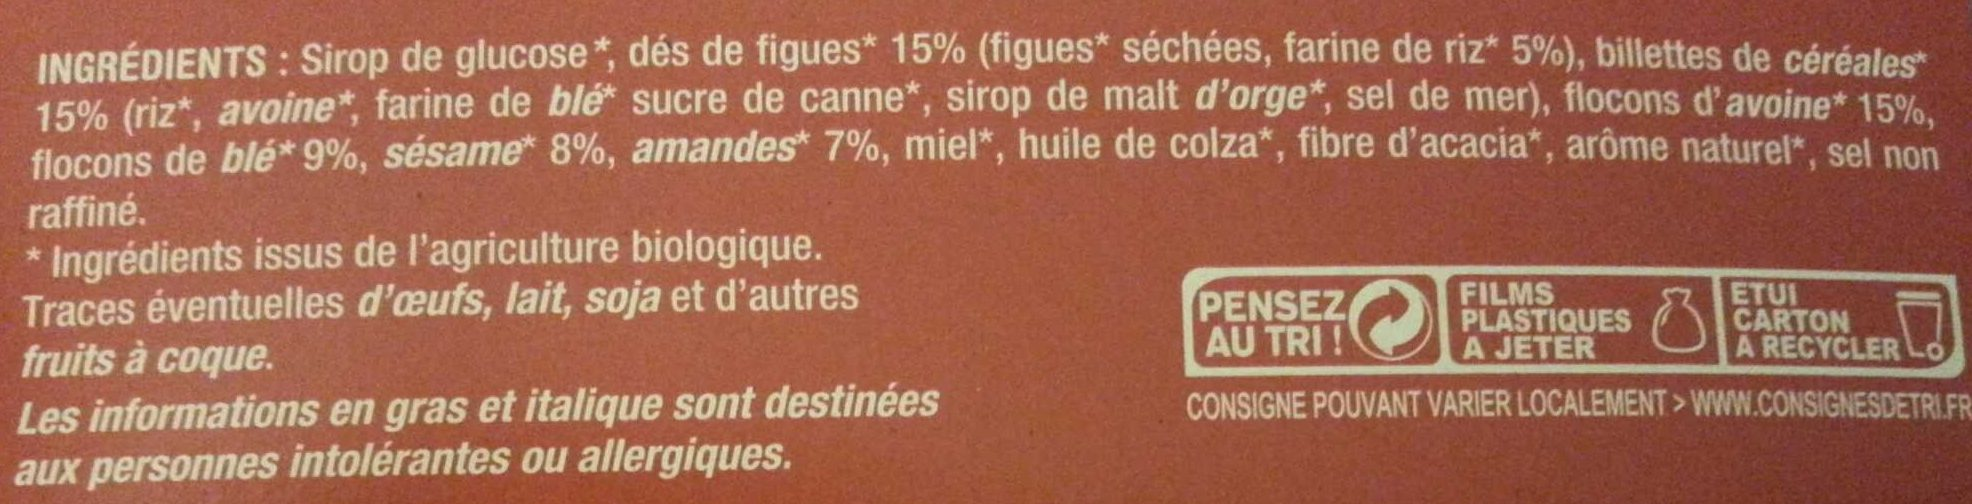 Barre céréalières - FIGUES - SESAME - AMANDES - Ingredients - fr